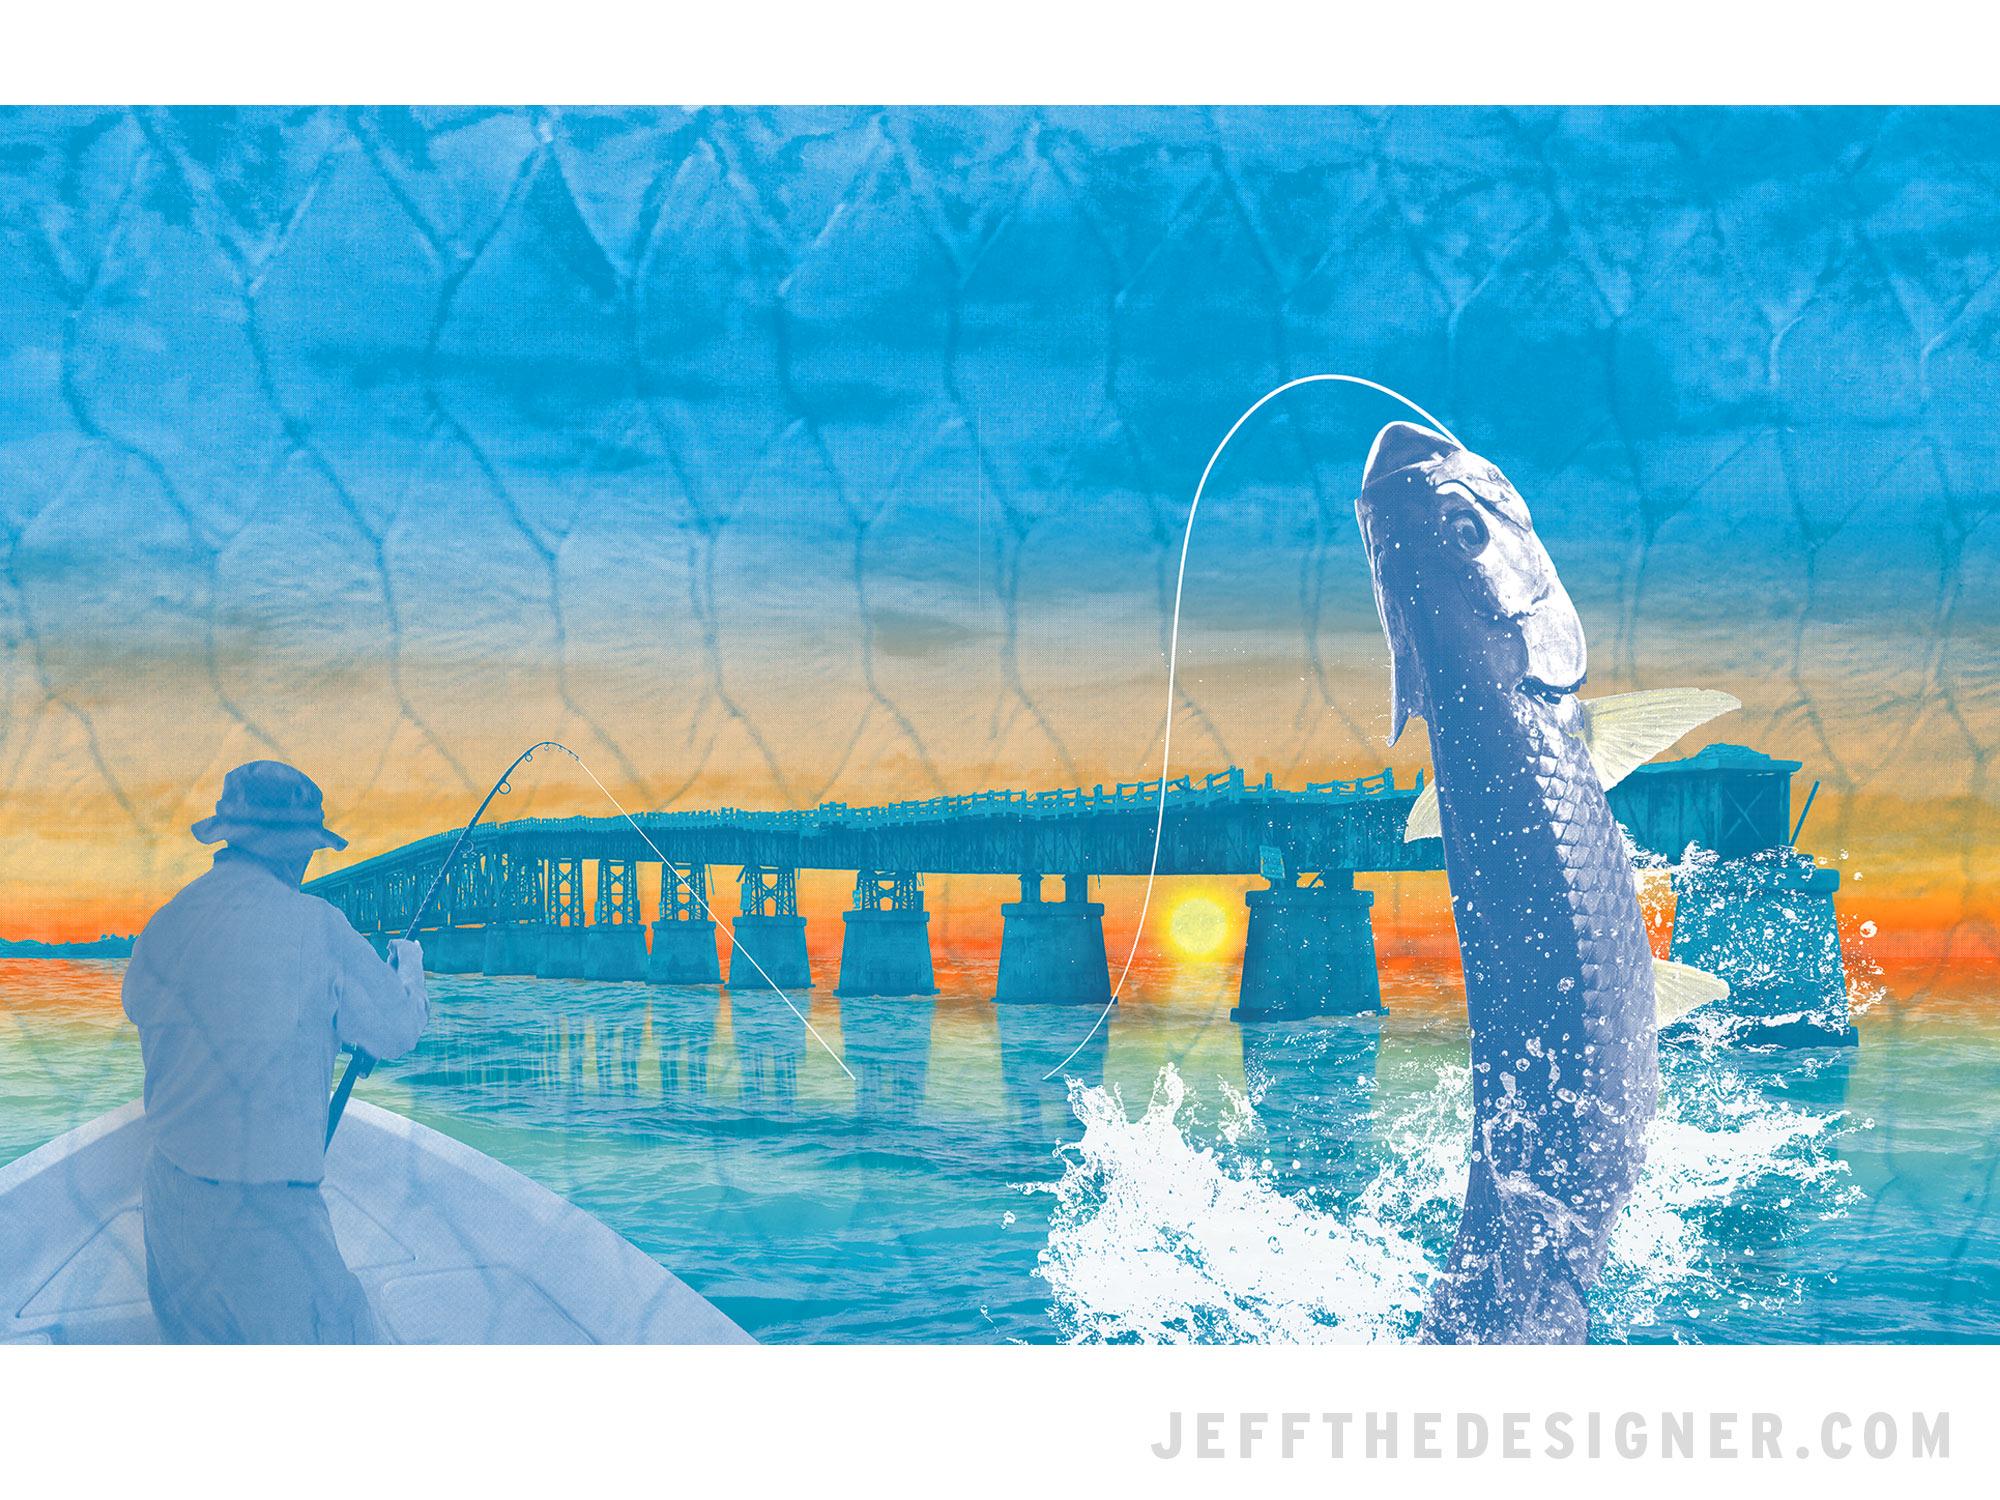 Florida Keys Bahia Honda Bridge Tarpon Fishing Illustration